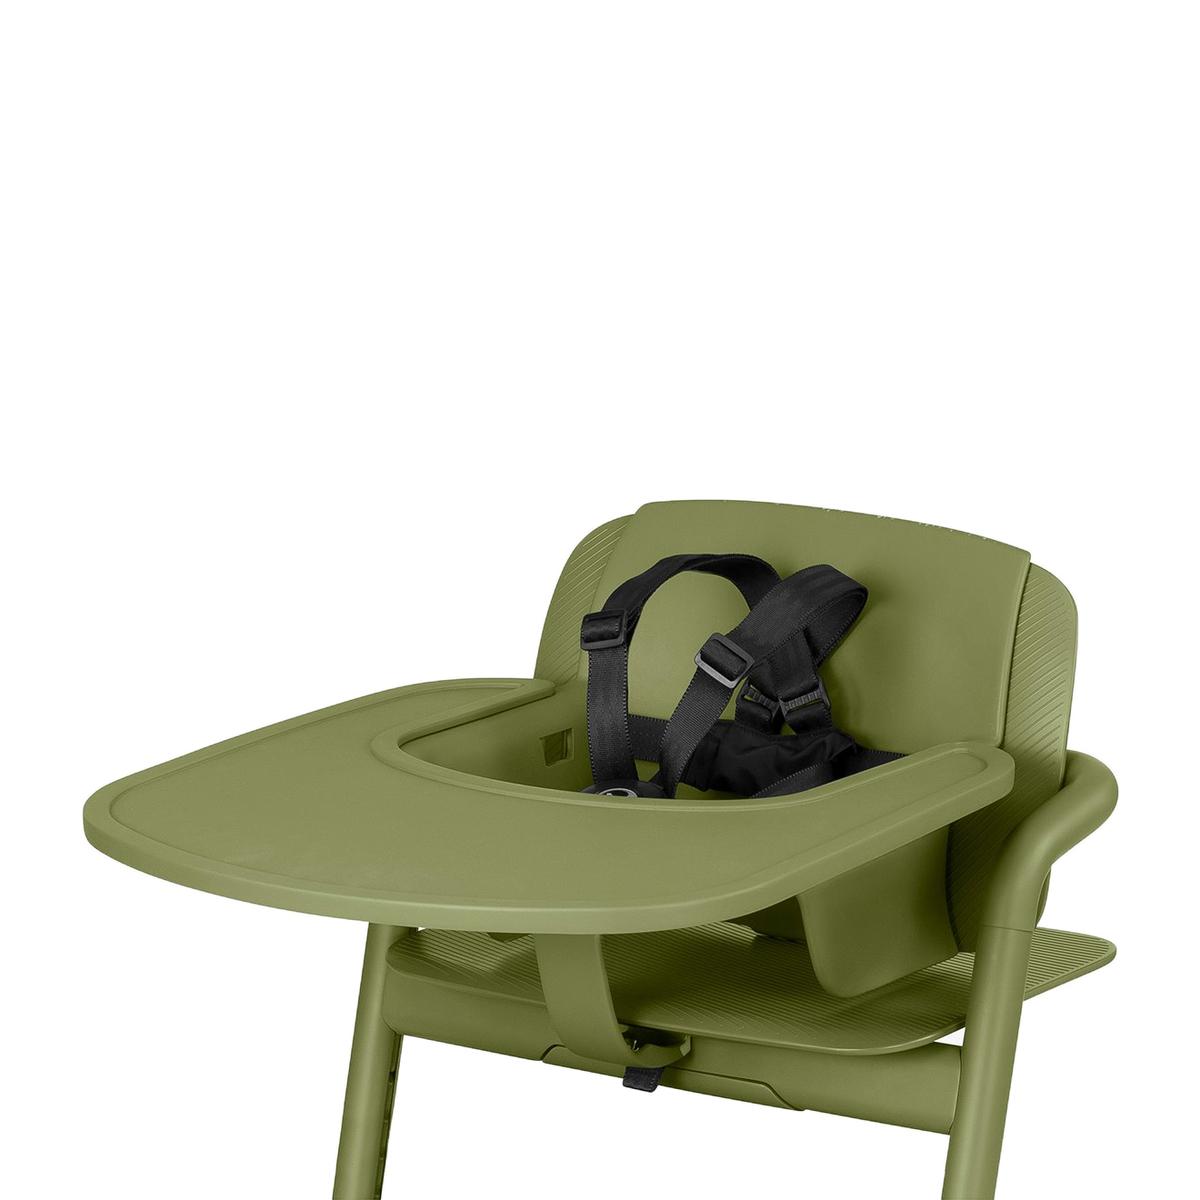 Chaise haute Plateau pour Chaise Haute Lemo - Outback Green Plateau pour Chaise Haute Lemo - Outback Green